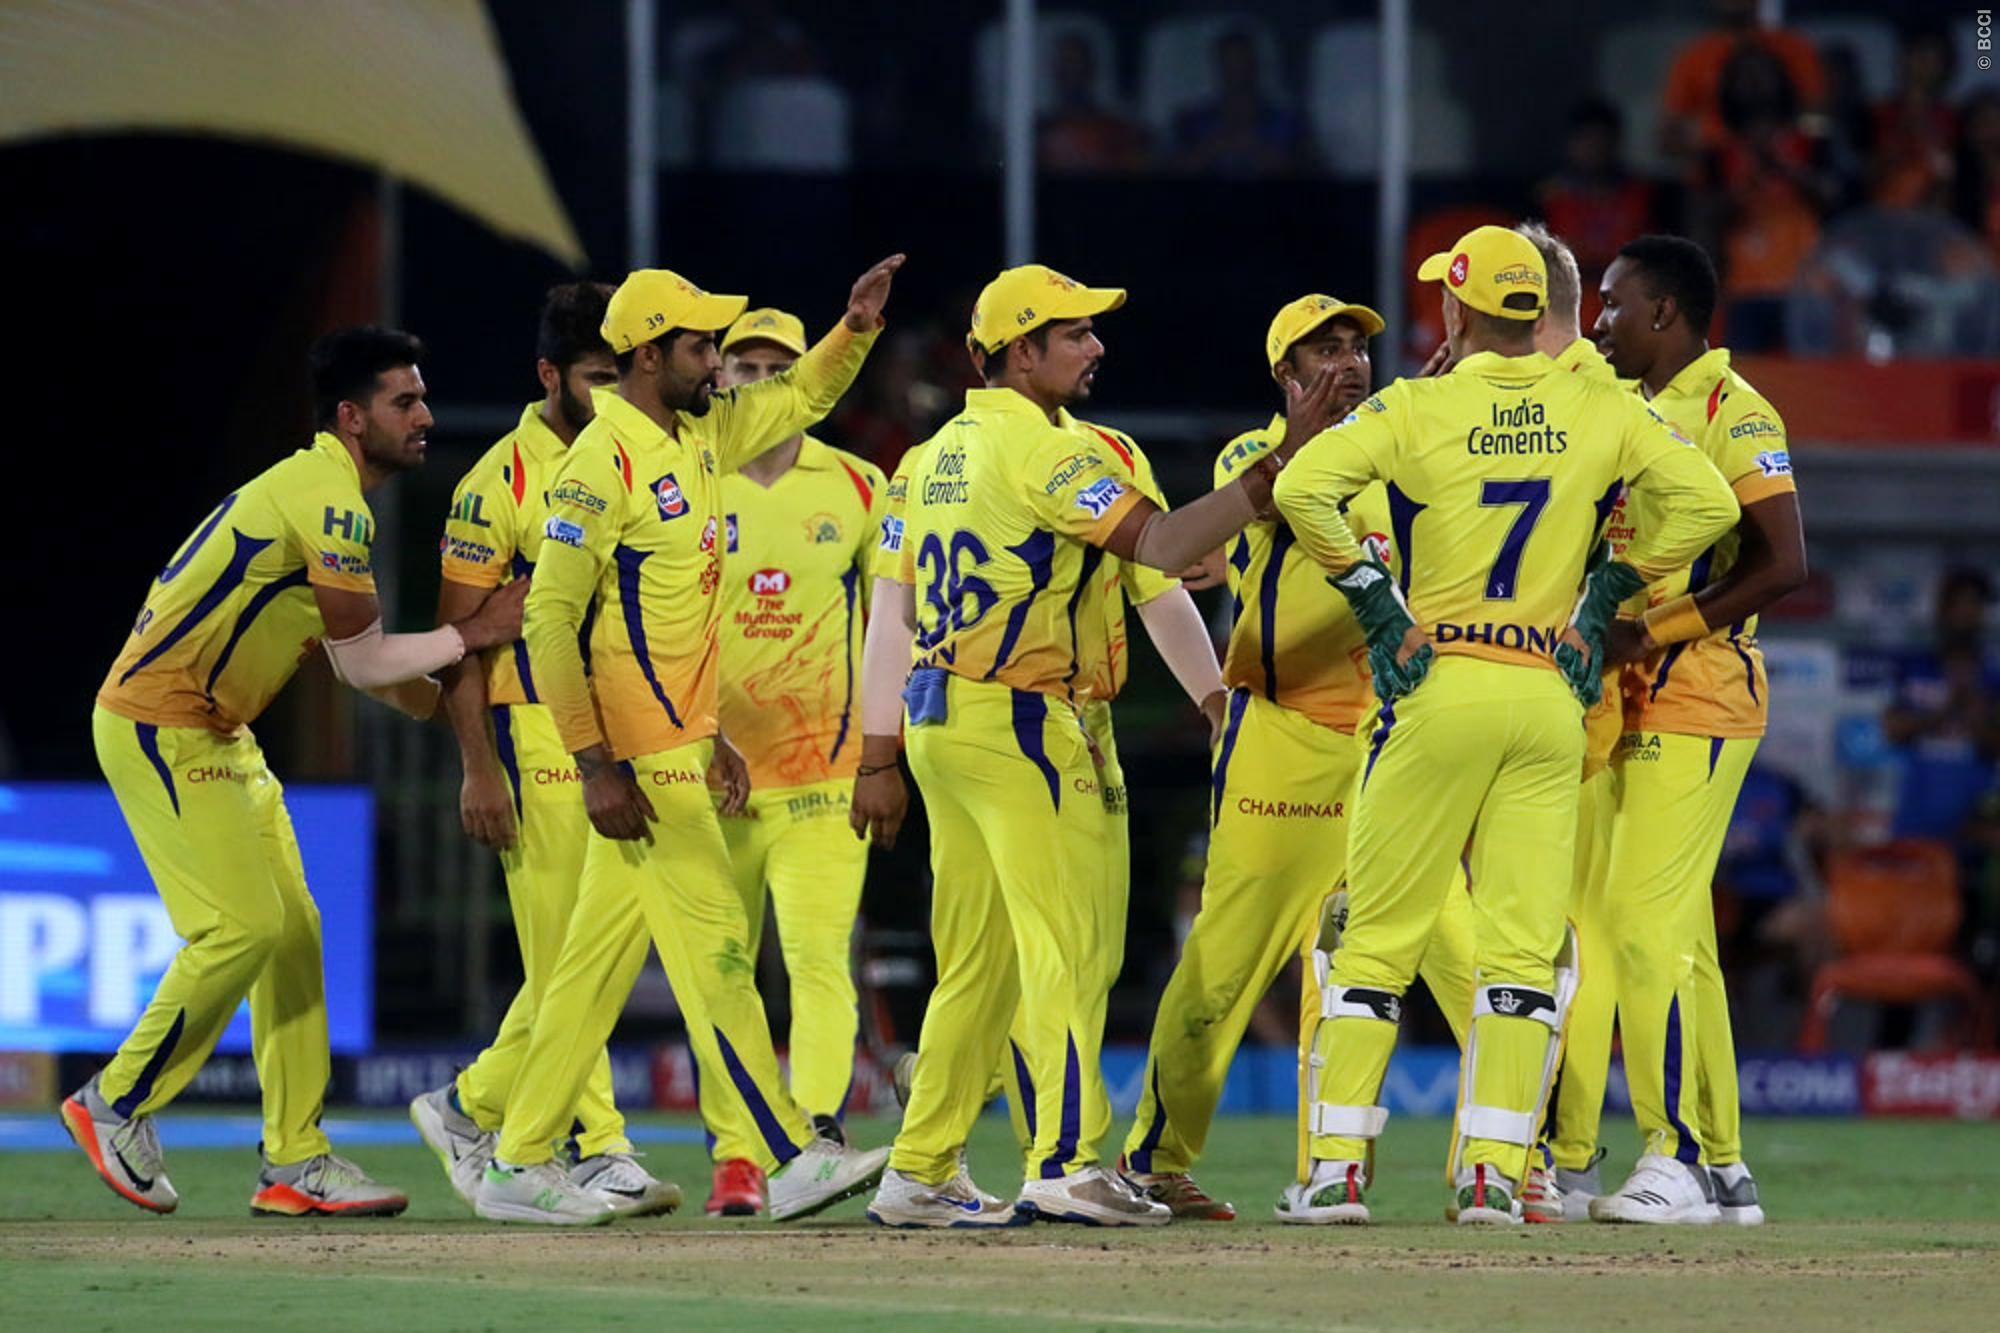 मैच रिपोर्टः रोमांचक रहा चेन्नई और हैदराबाद के बीच मुकाबला, लेकिन अंत समय में विलियम्सन से हुई बड़ी चुक